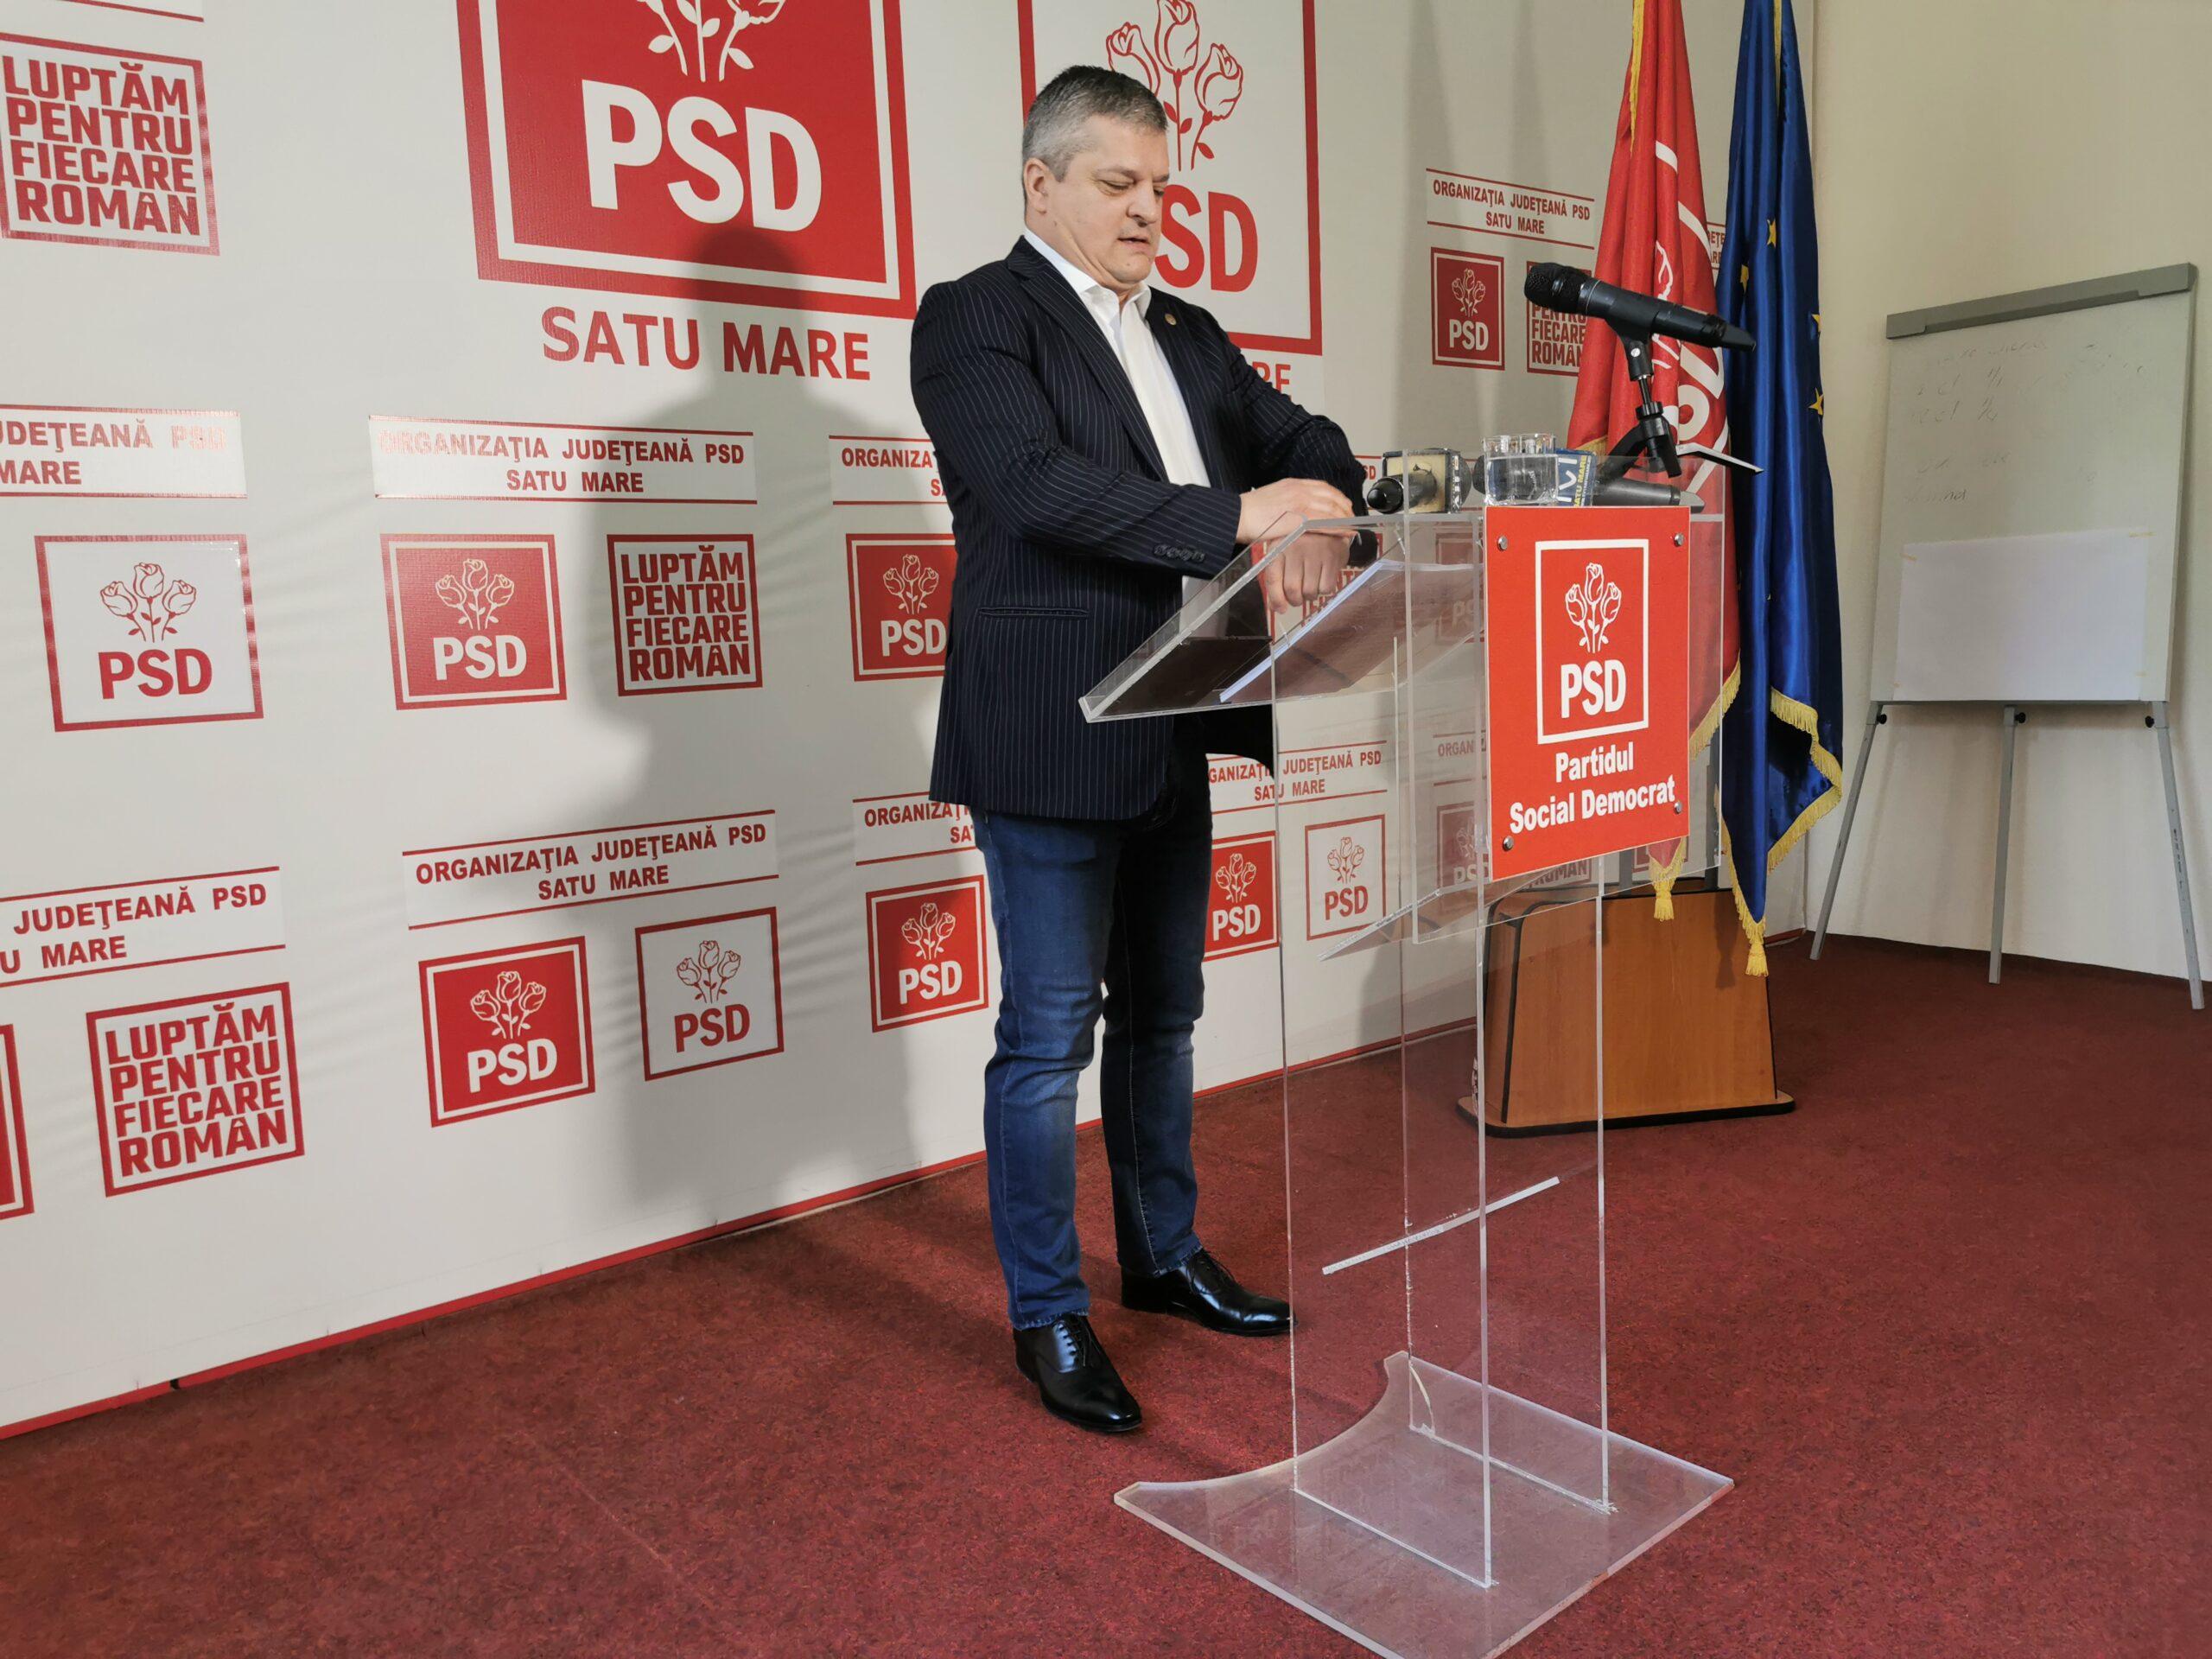 Deputatul Cristescu are 61 de amendamente la bugetul national, de interes pentru Satu Mare